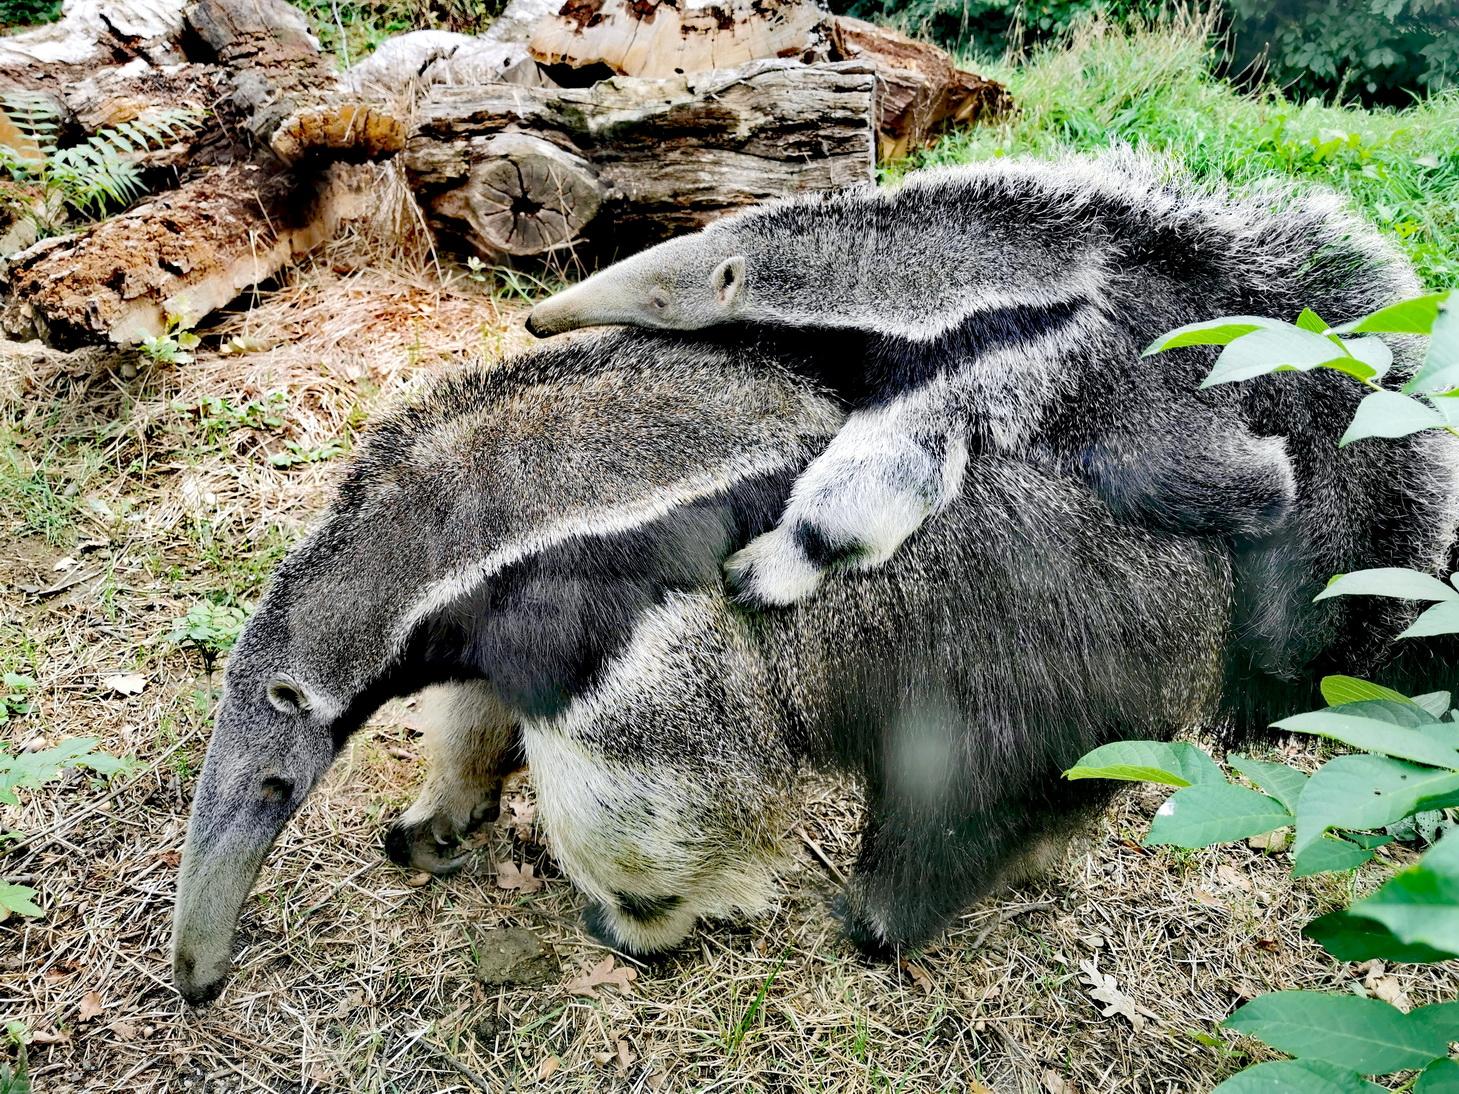 Plodna 2019. godina u Zoološkom vrtu grada Zagreba: na svijet stiglo čak tristo sisavaca, ptica, gmazova i vodozemaca